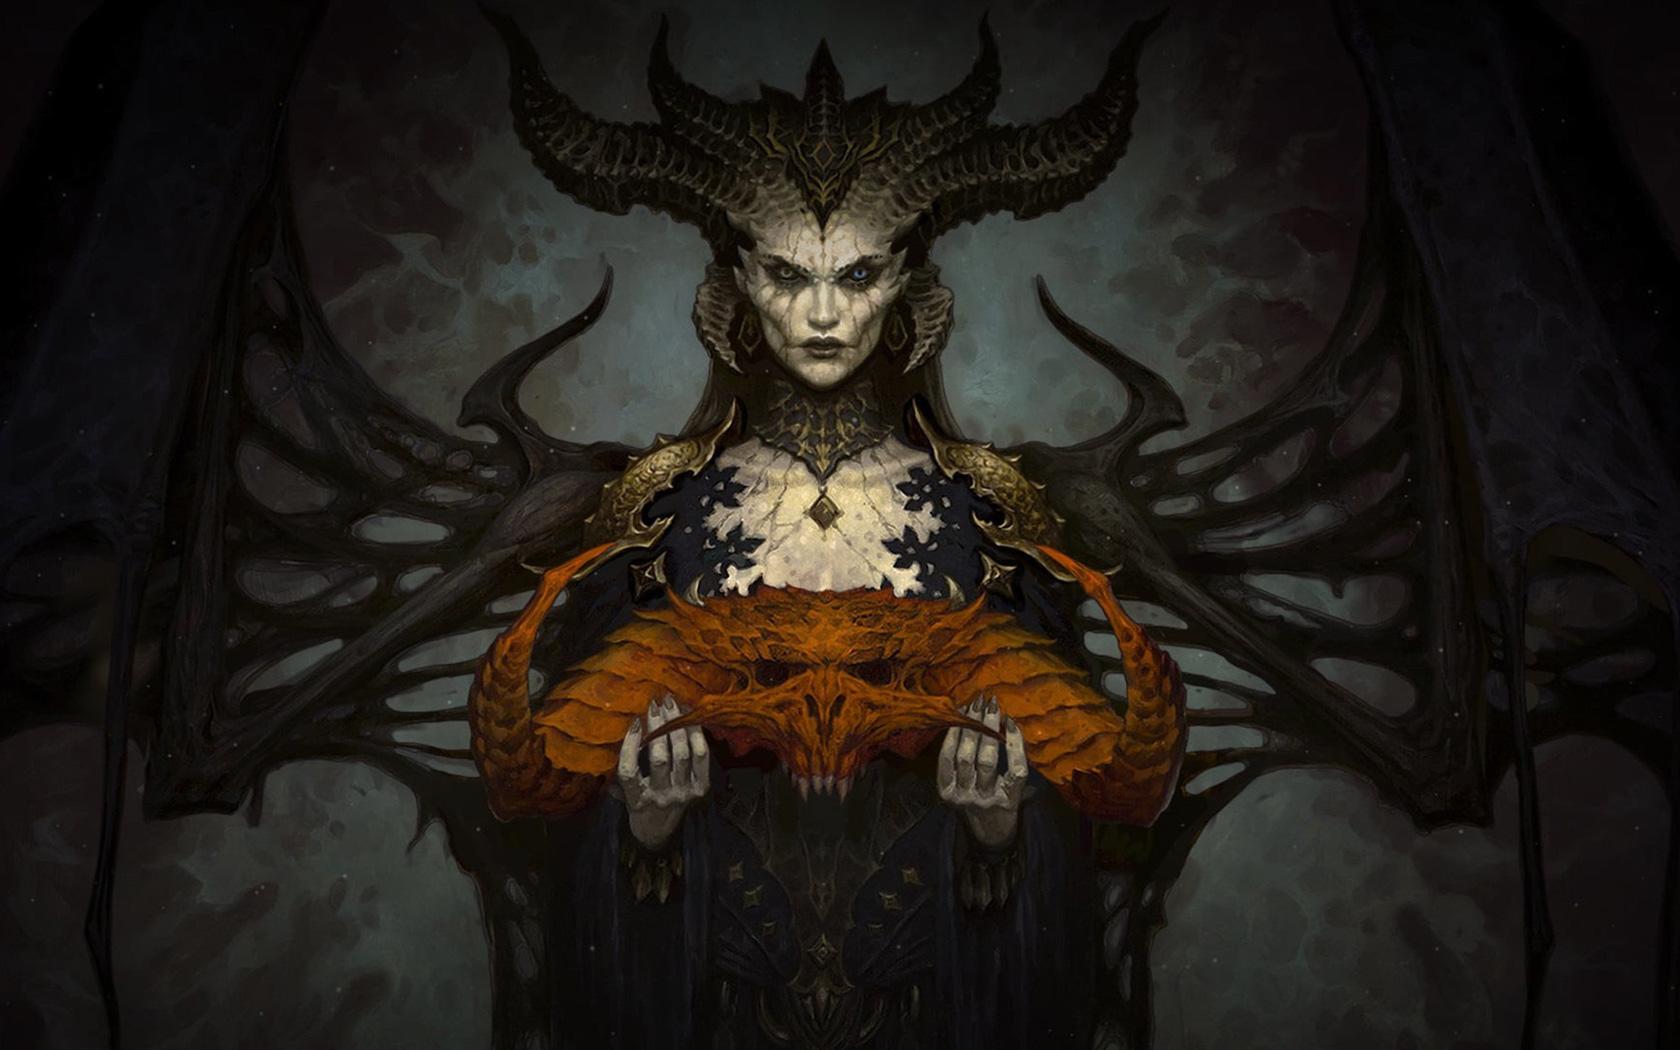 Free Diablo IV Wallpaper in 1680x1050